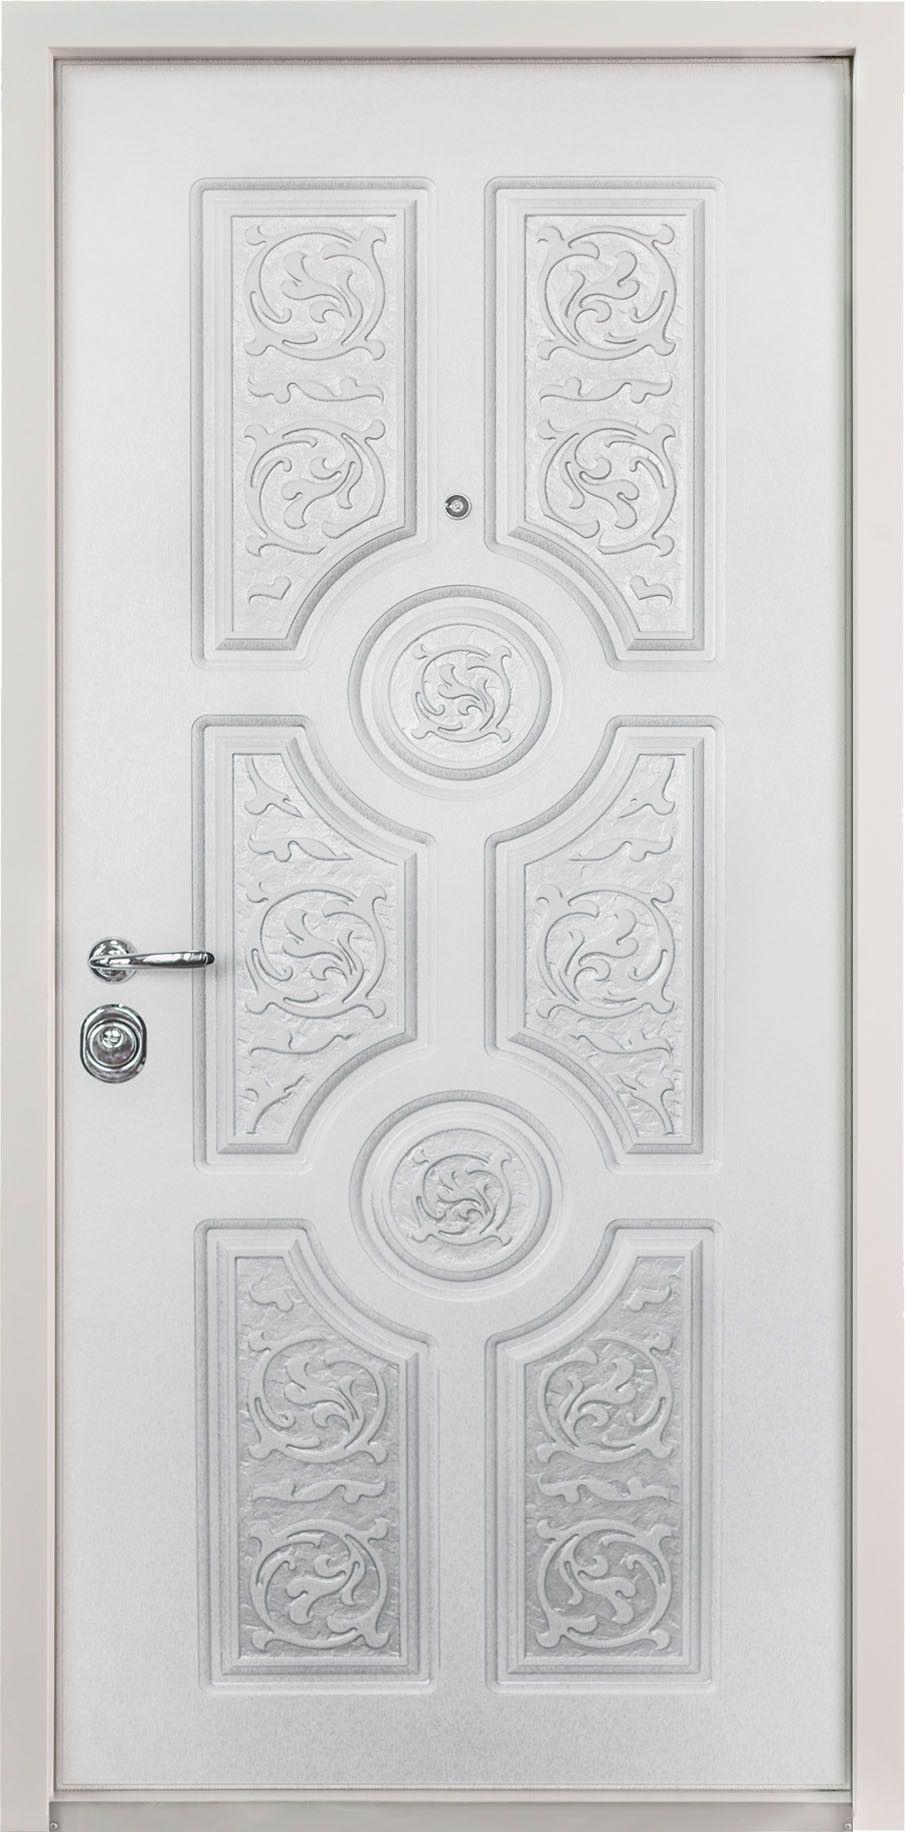 Versace - Exterior Door (Pre-hung Door Unit)  sc 1 st  Pinterest & Versace - Exterior Door (Pre-hung Door Unit)   Interior u0026 Exterior ... pezcame.com